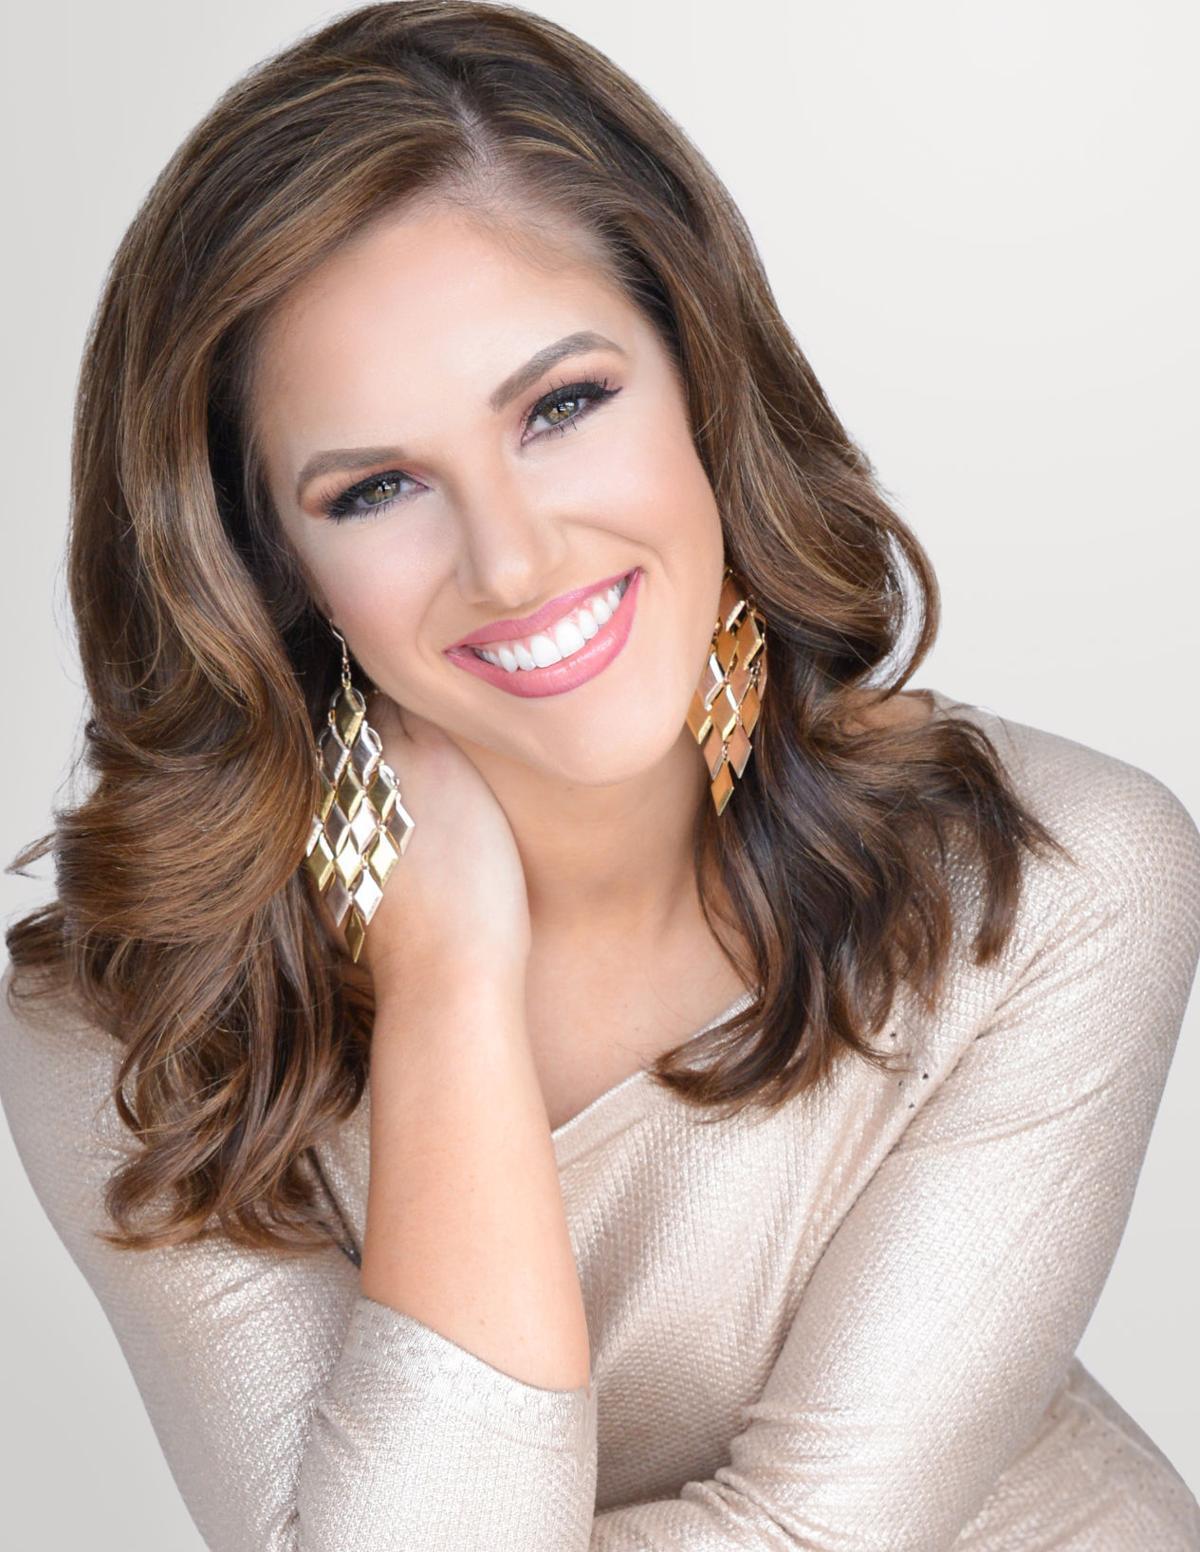 Miss Arkansas 2017 Maggie Benton